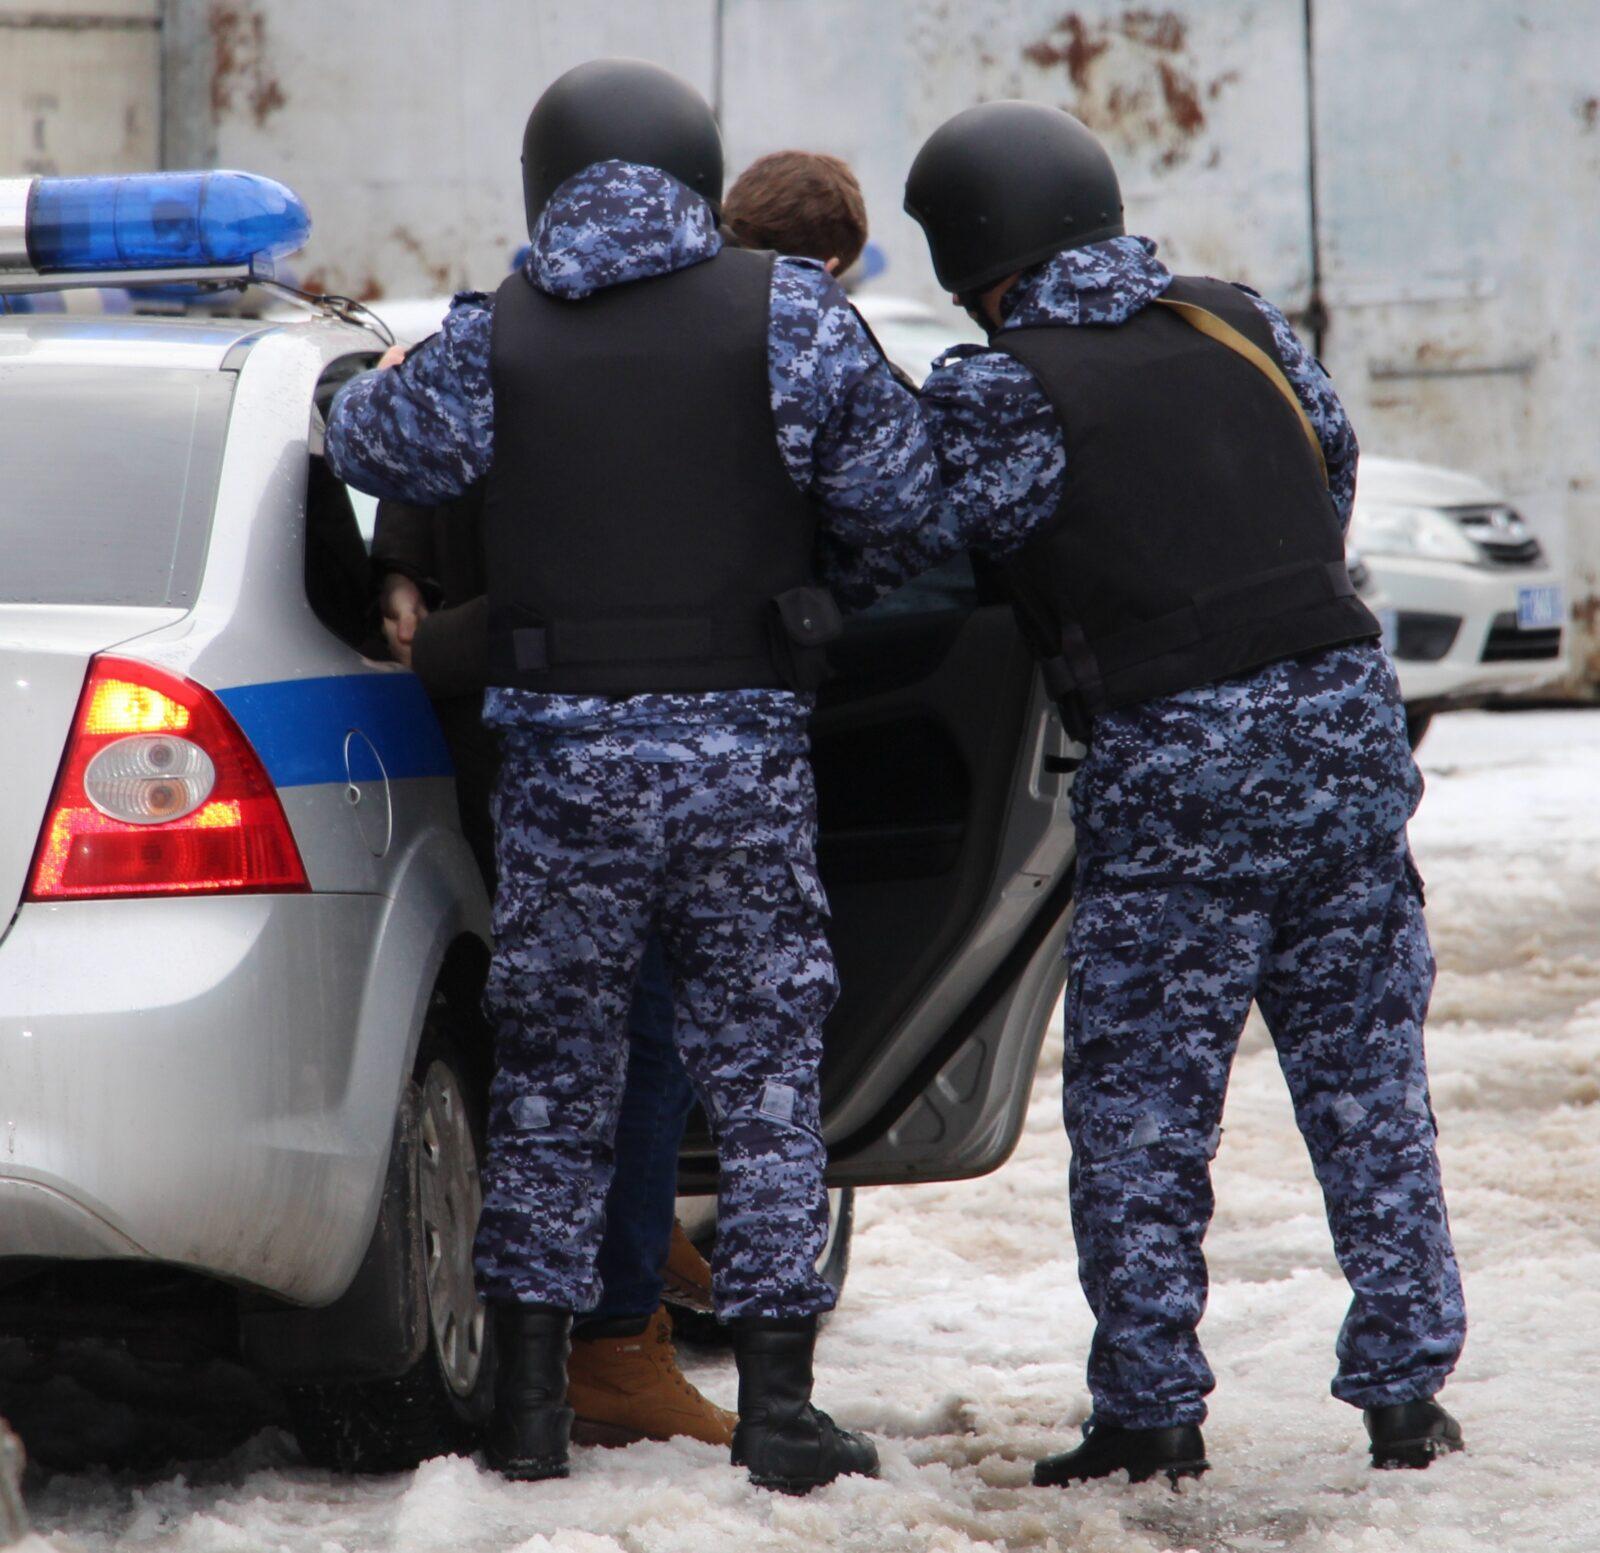 Двух молодых парней задержали в тверском гипермаркете за кражу одежды